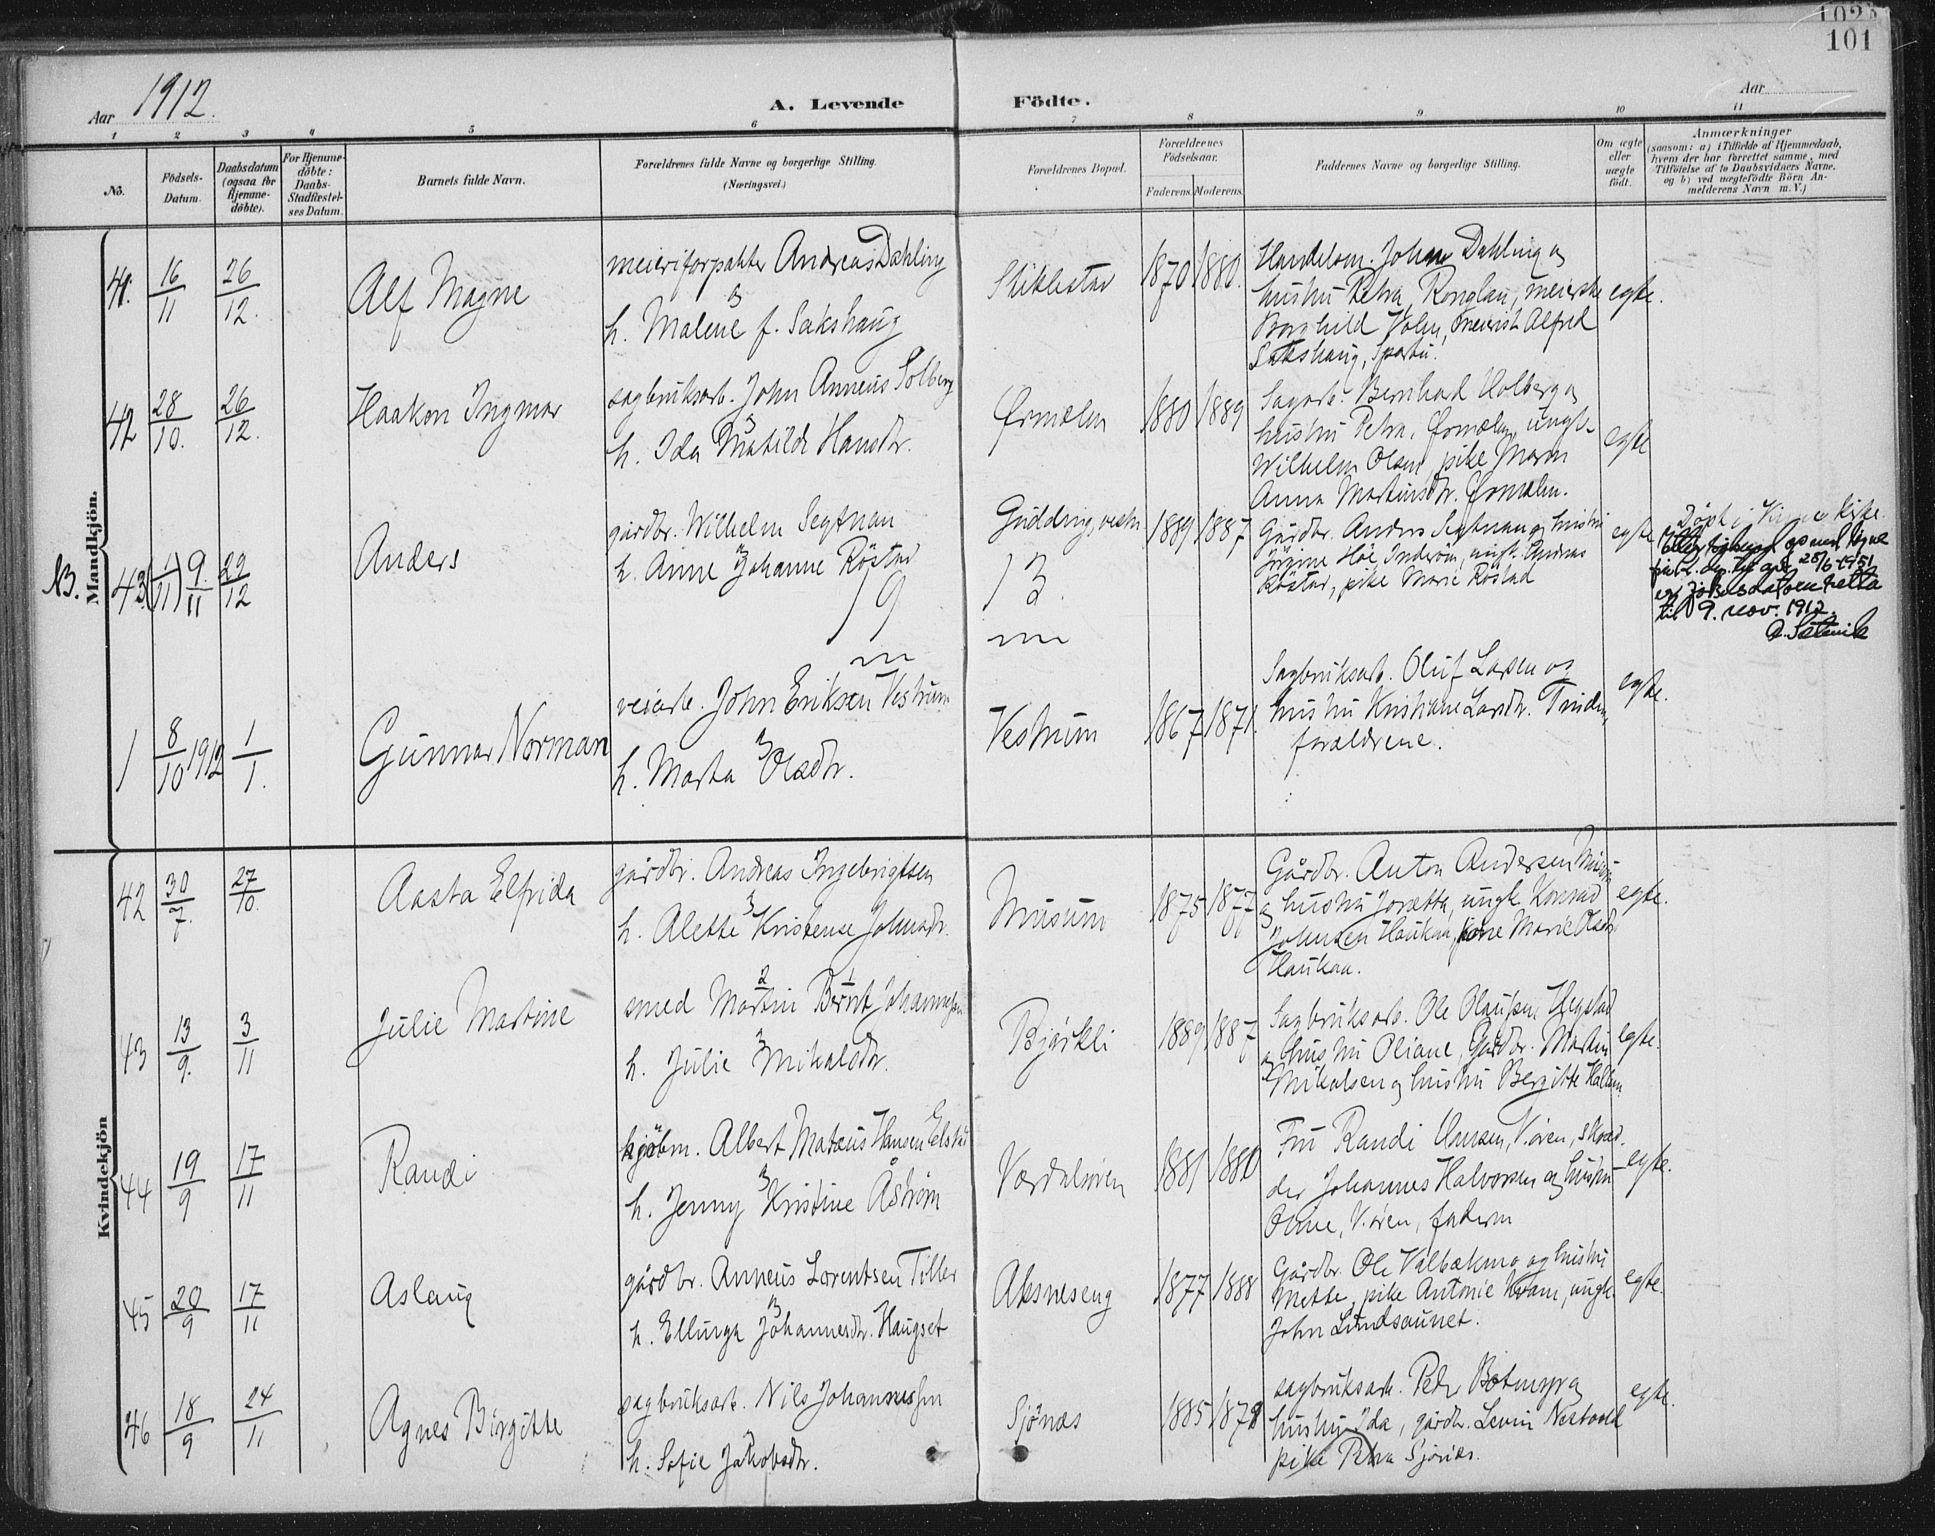 SAT, Ministerialprotokoller, klokkerbøker og fødselsregistre - Nord-Trøndelag, 723/L0246: Ministerialbok nr. 723A15, 1900-1917, s. 101